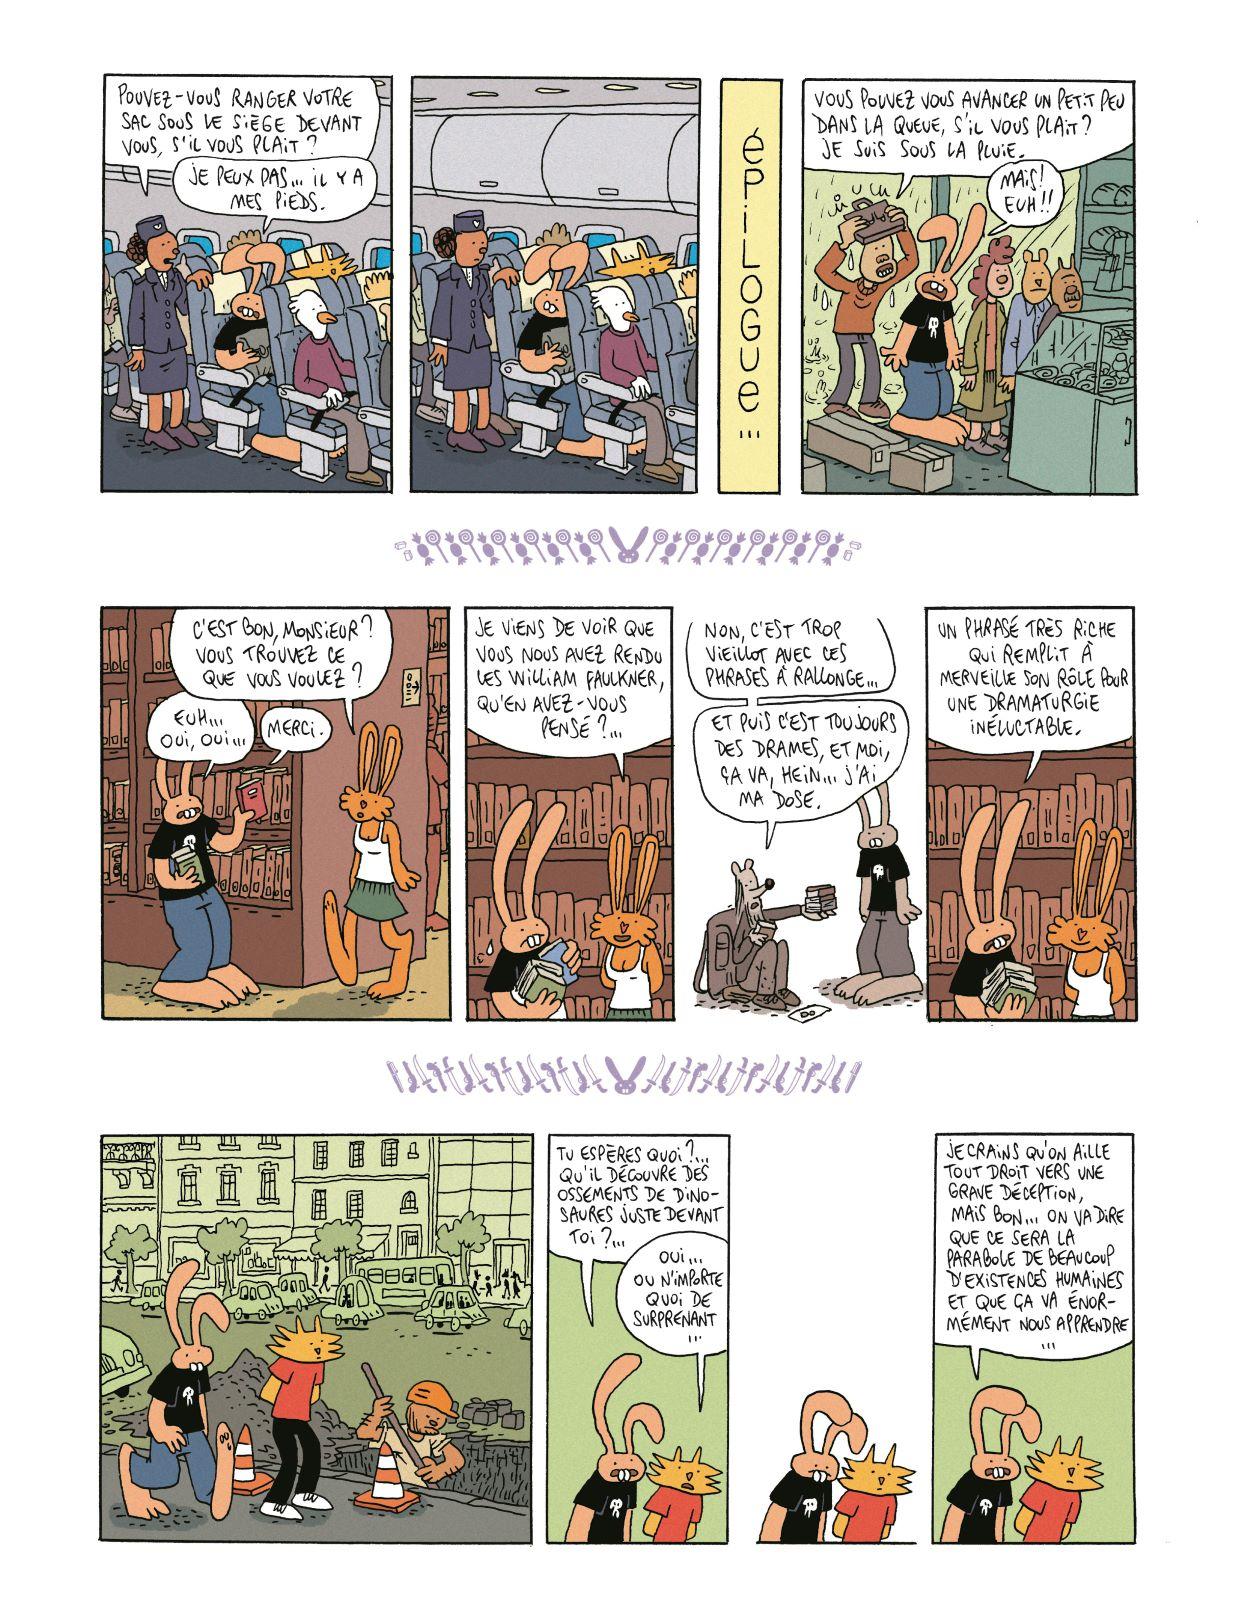 Les nouvelles aventures de Lapinot #4, Un peu d'amour, L'Association